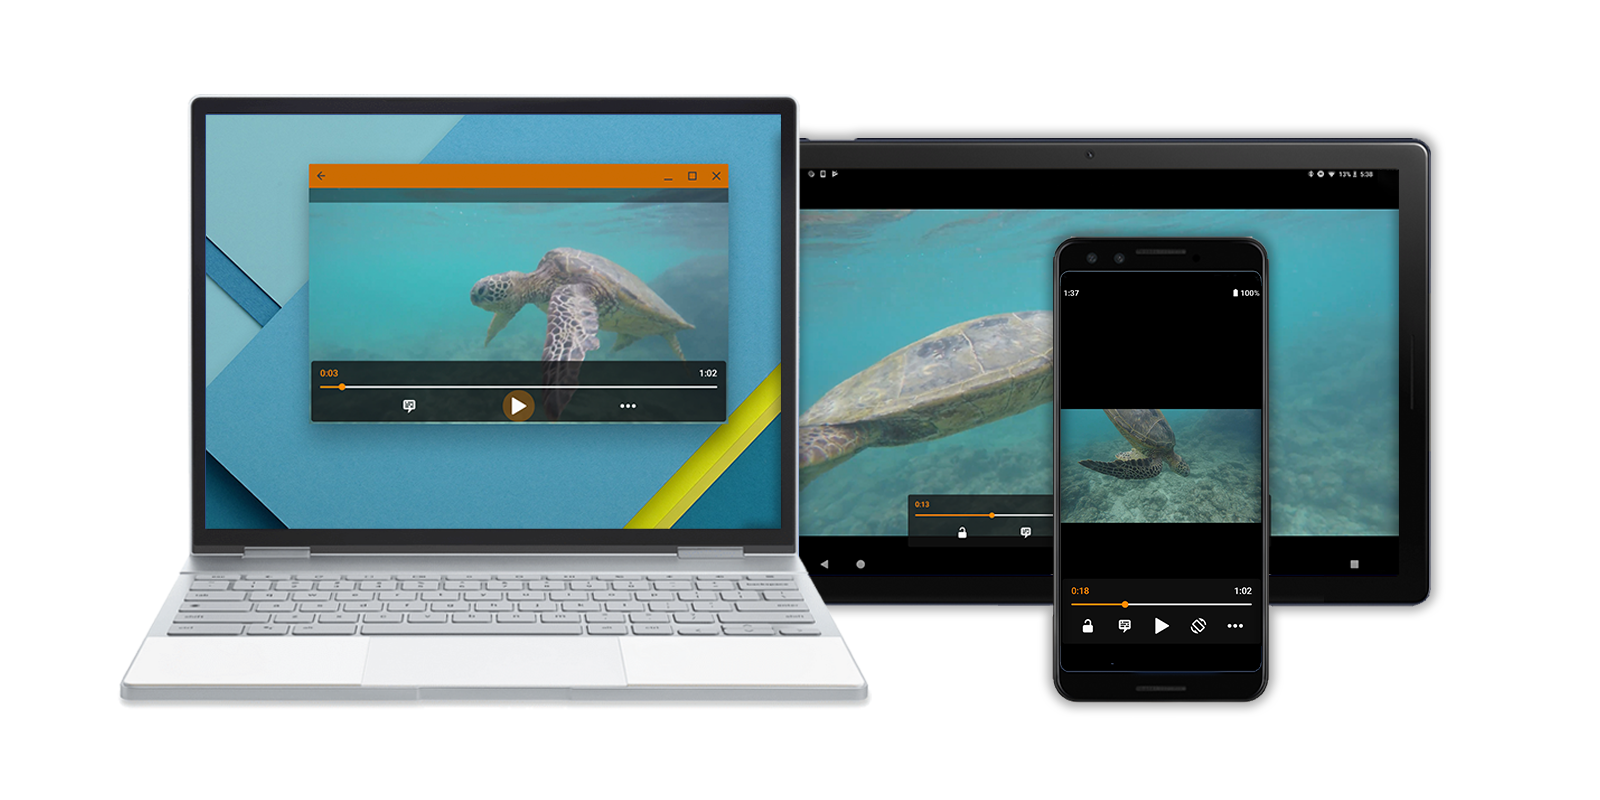 여러 가지 버전의 레이아웃, 휴대전화/태블릿/노트북 기기에서의 동적 크기 조정의 예를 보여주는 이미지